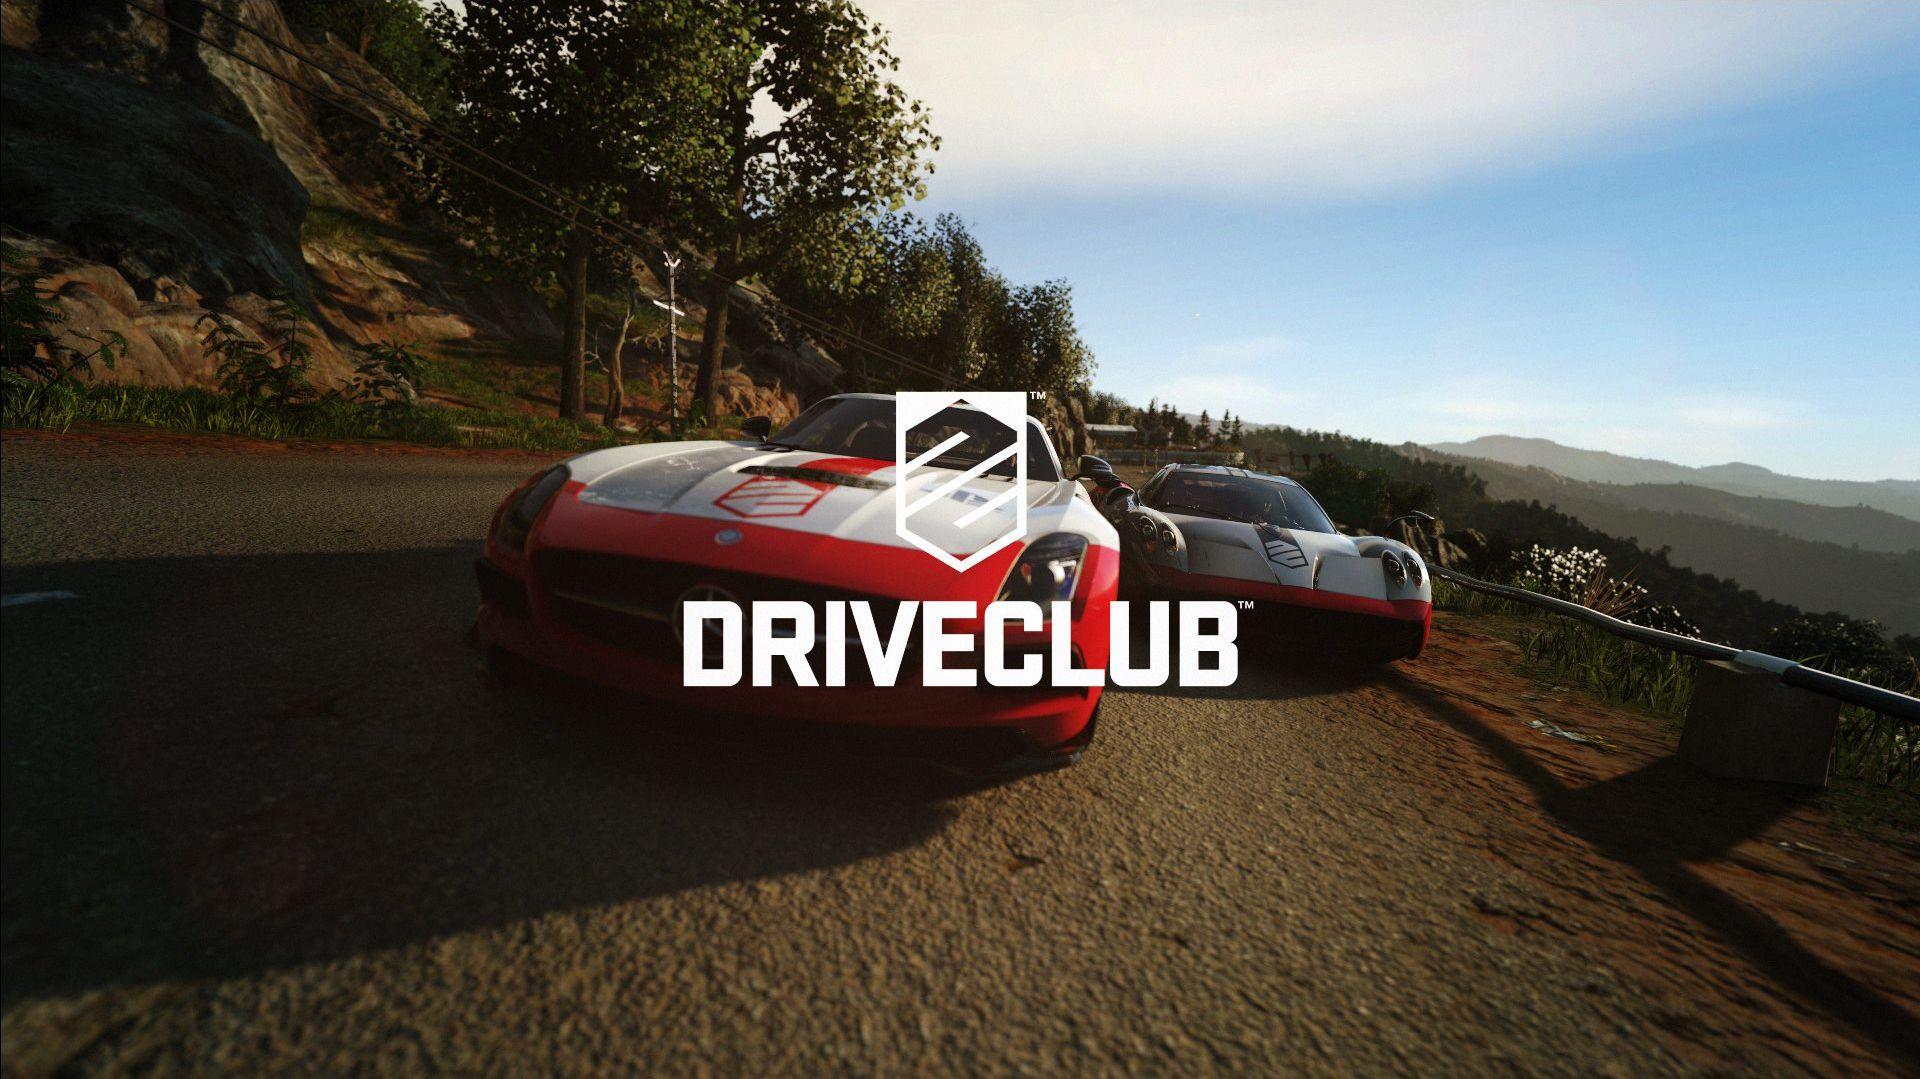 Nowfragos Gameplay: Nova atualização de 3.3GB para Driveclub já dispon...